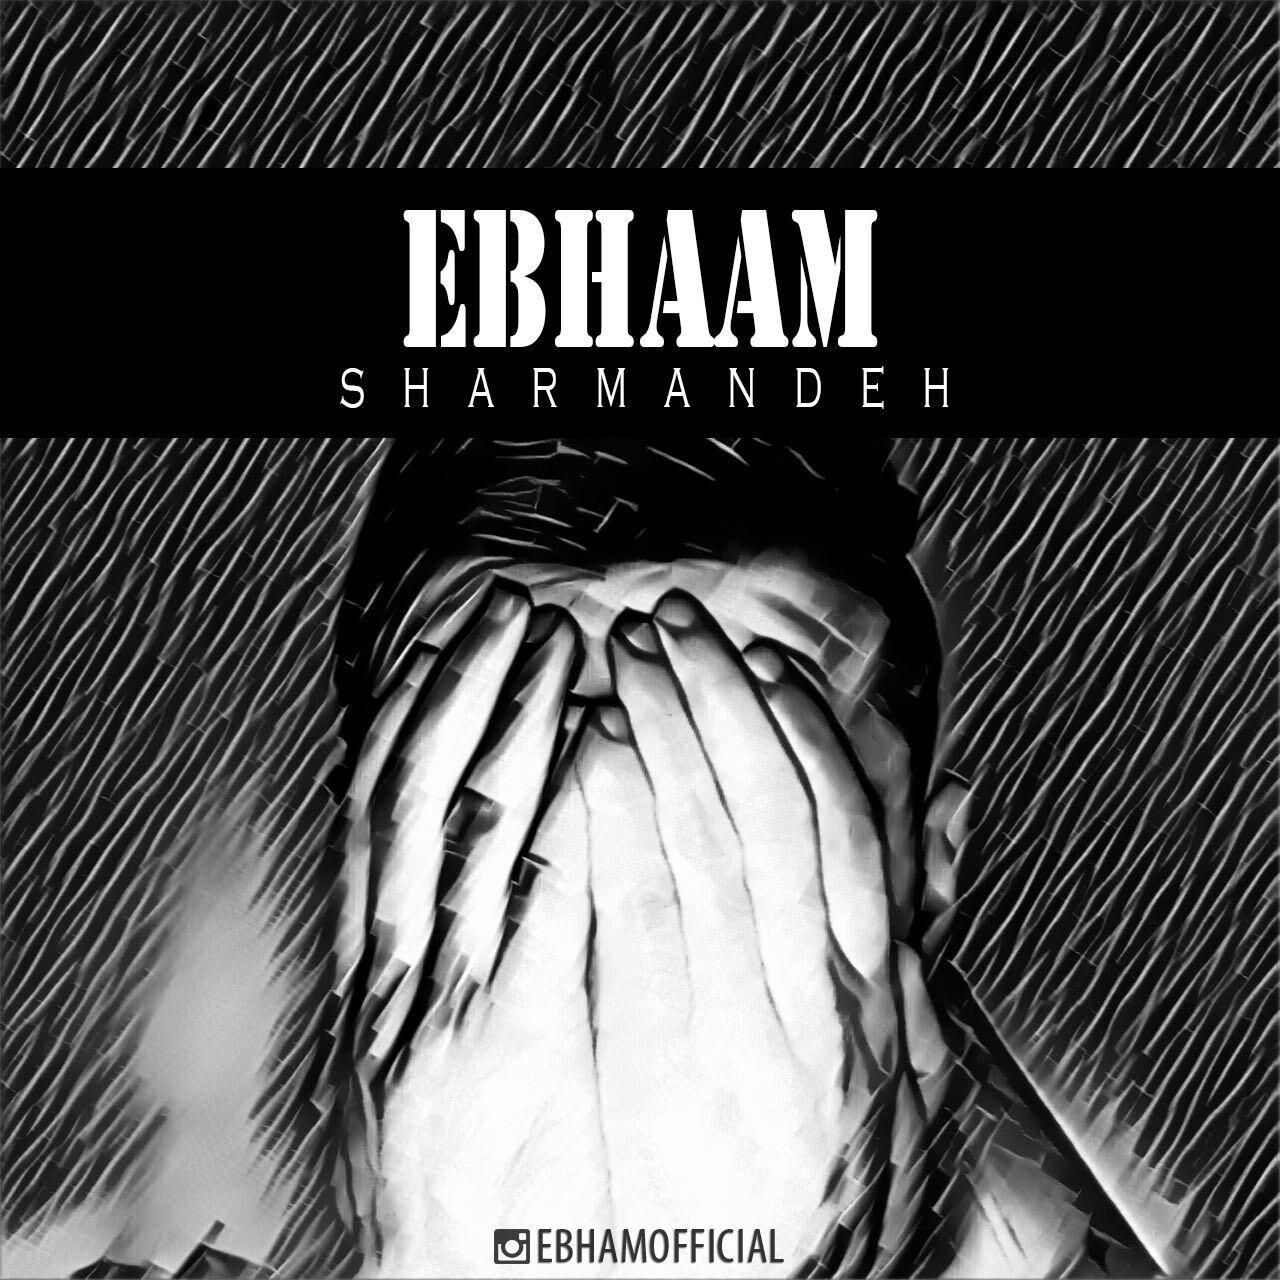 Ebham – Sharmande